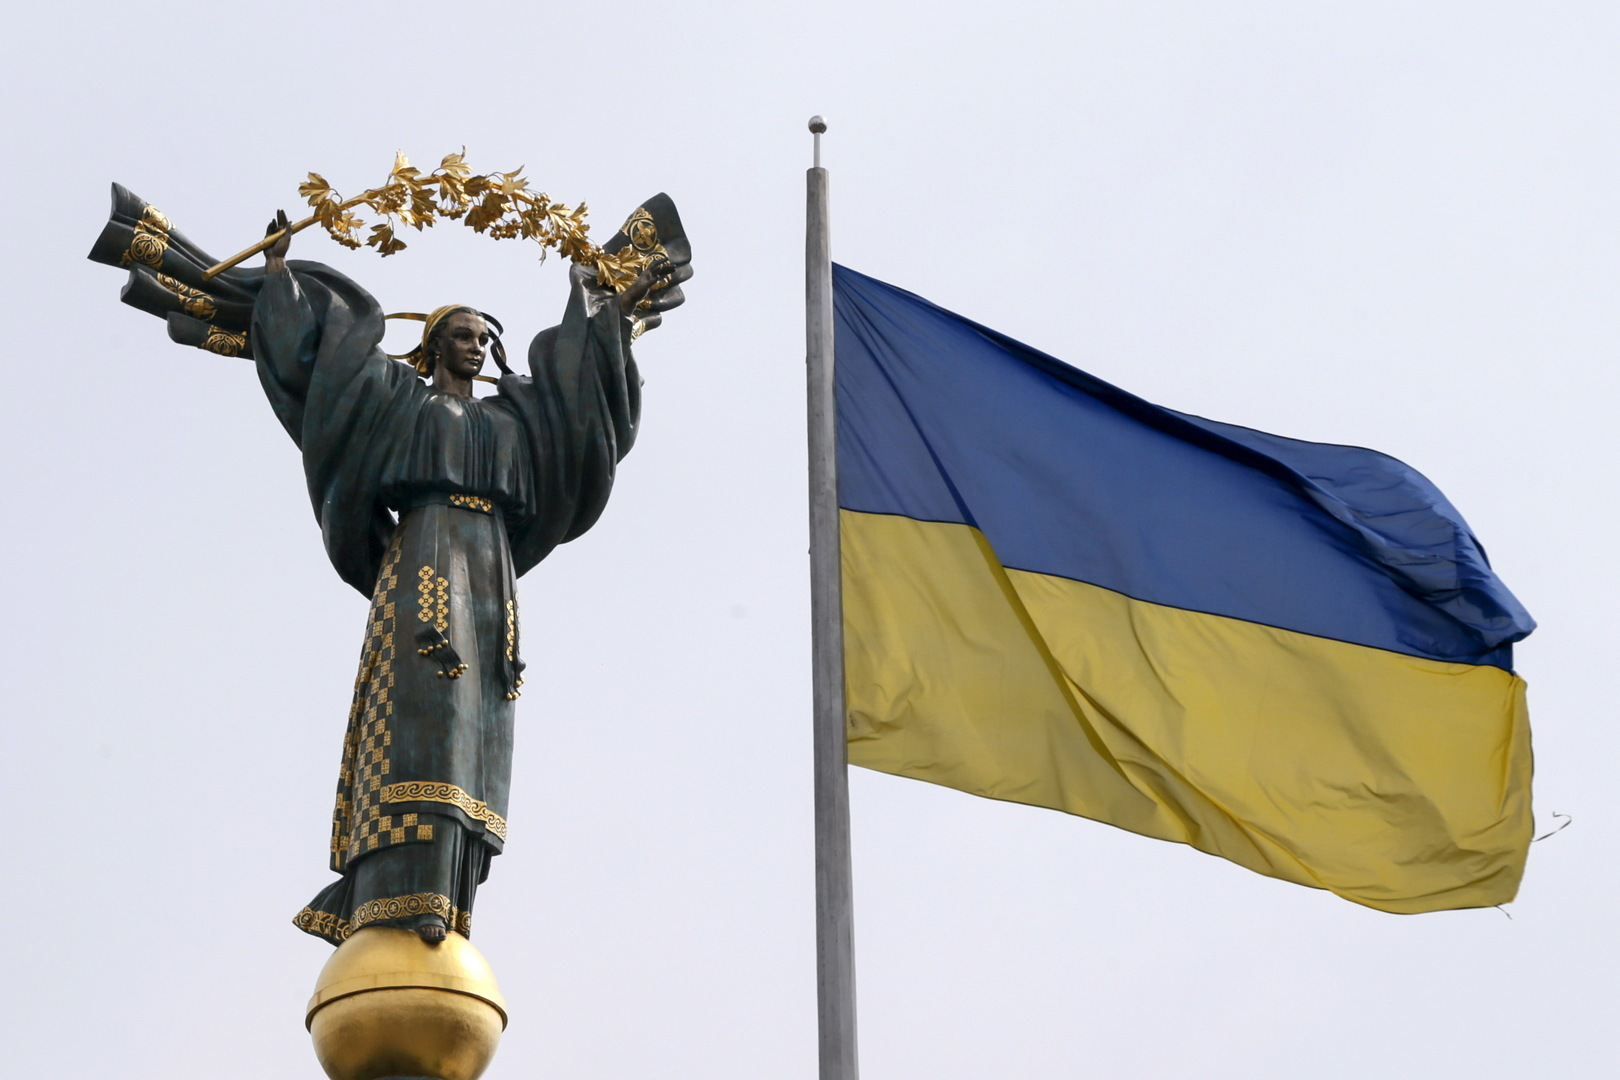 أوكرانيا تفرض عقوبات على شركات في روسيا والإمارات ودول أخرى